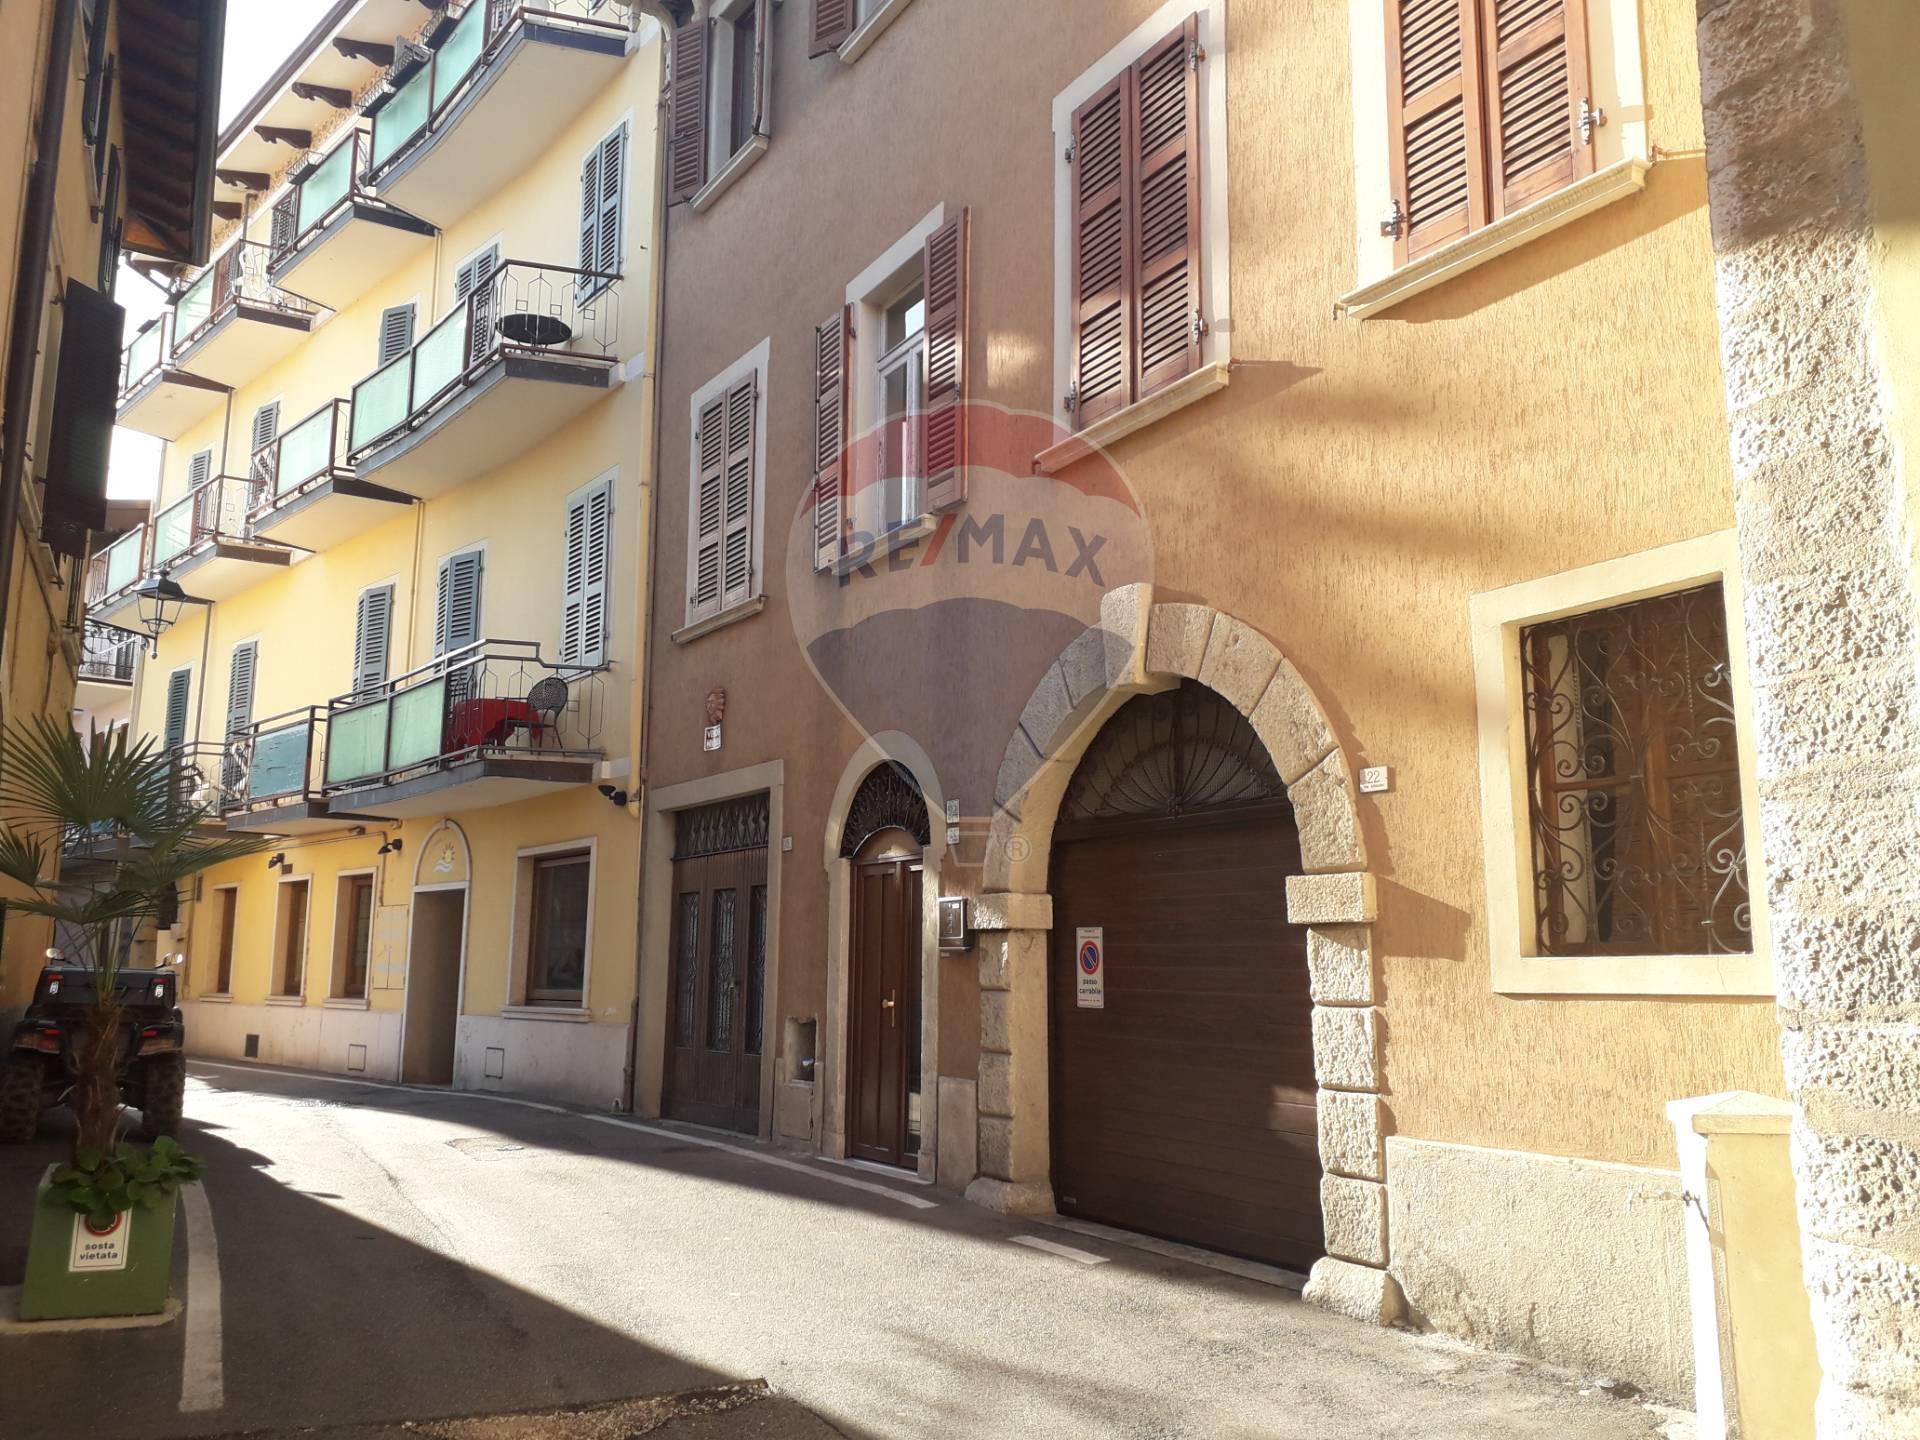 Appartamento in vendita a Toscolano-Maderno, 2 locali, zona Zona: Maderno, prezzo € 70.000 | CambioCasa.it